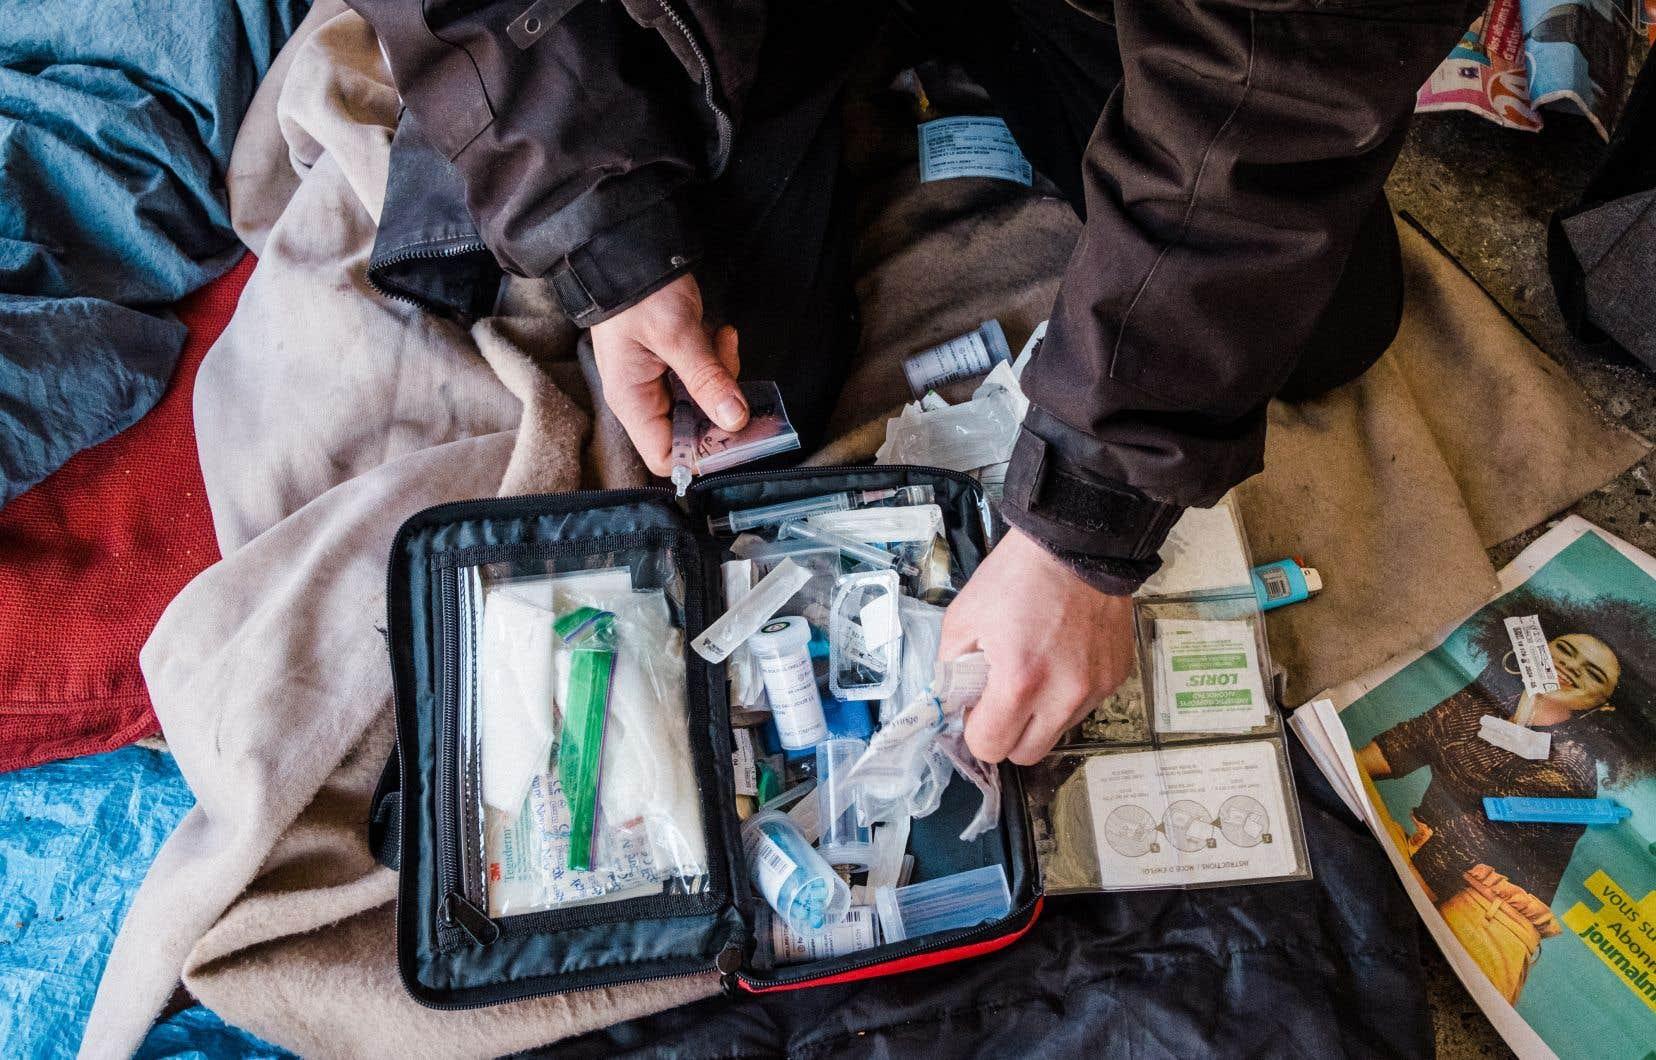 Des organisations qui œuvrent auprès des toxicomanes et des professionnels en santé plaident en faveur de l'adoption d'une approche basée sur la santé publique plutôt que sur la répression.